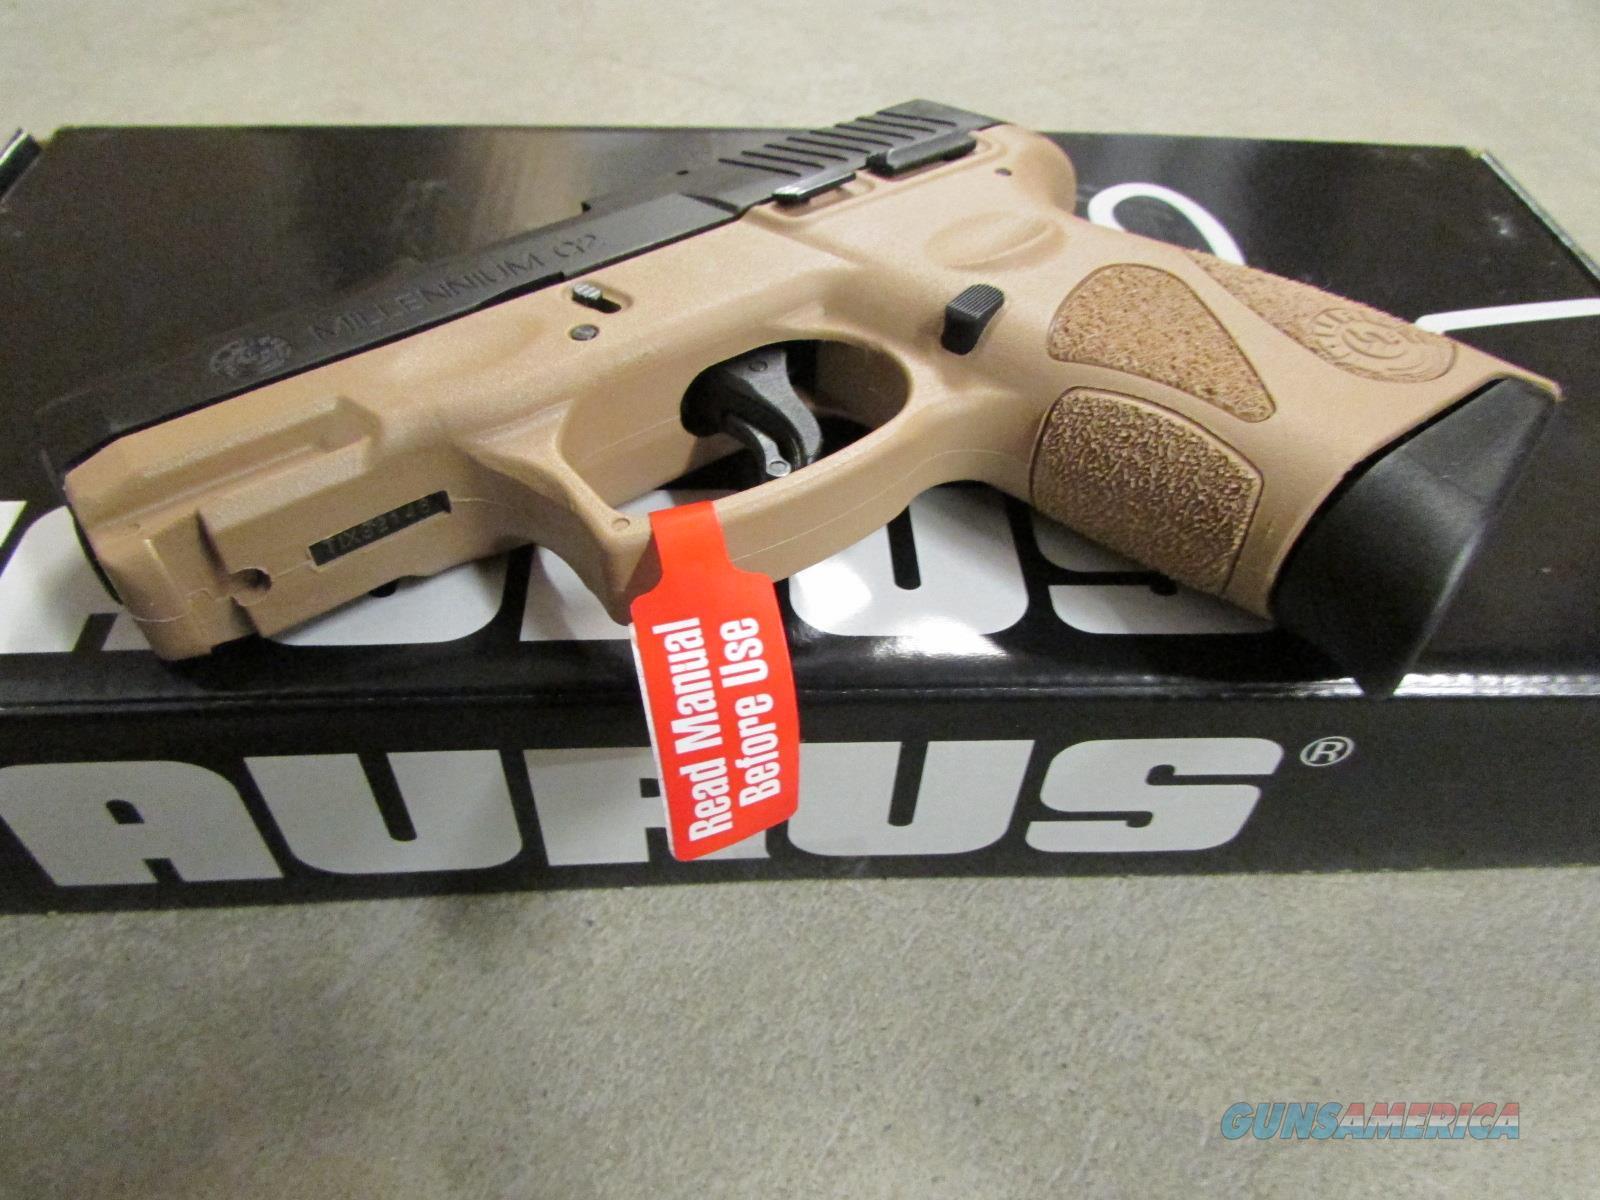 Taurus Millennium G2 Sub Compact Fde 9mm 1 1110 For Sale Schematics 8125526